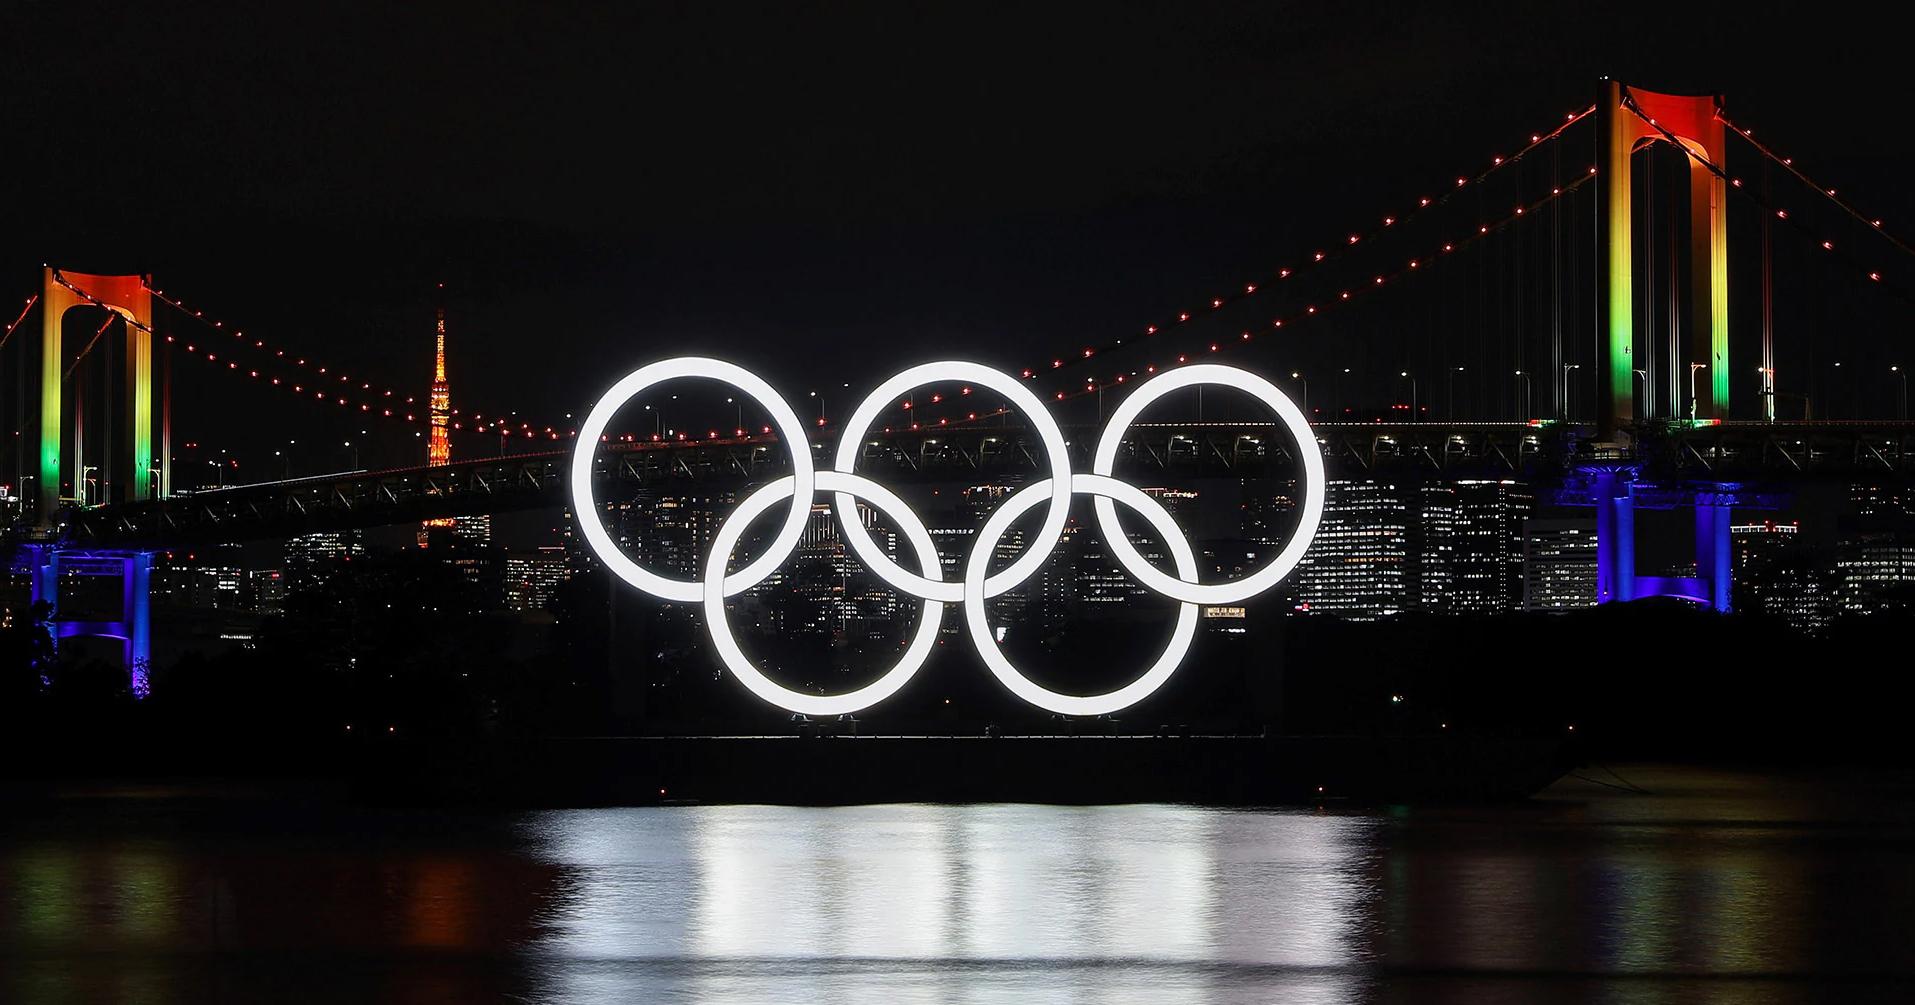 image courtesy of NBC